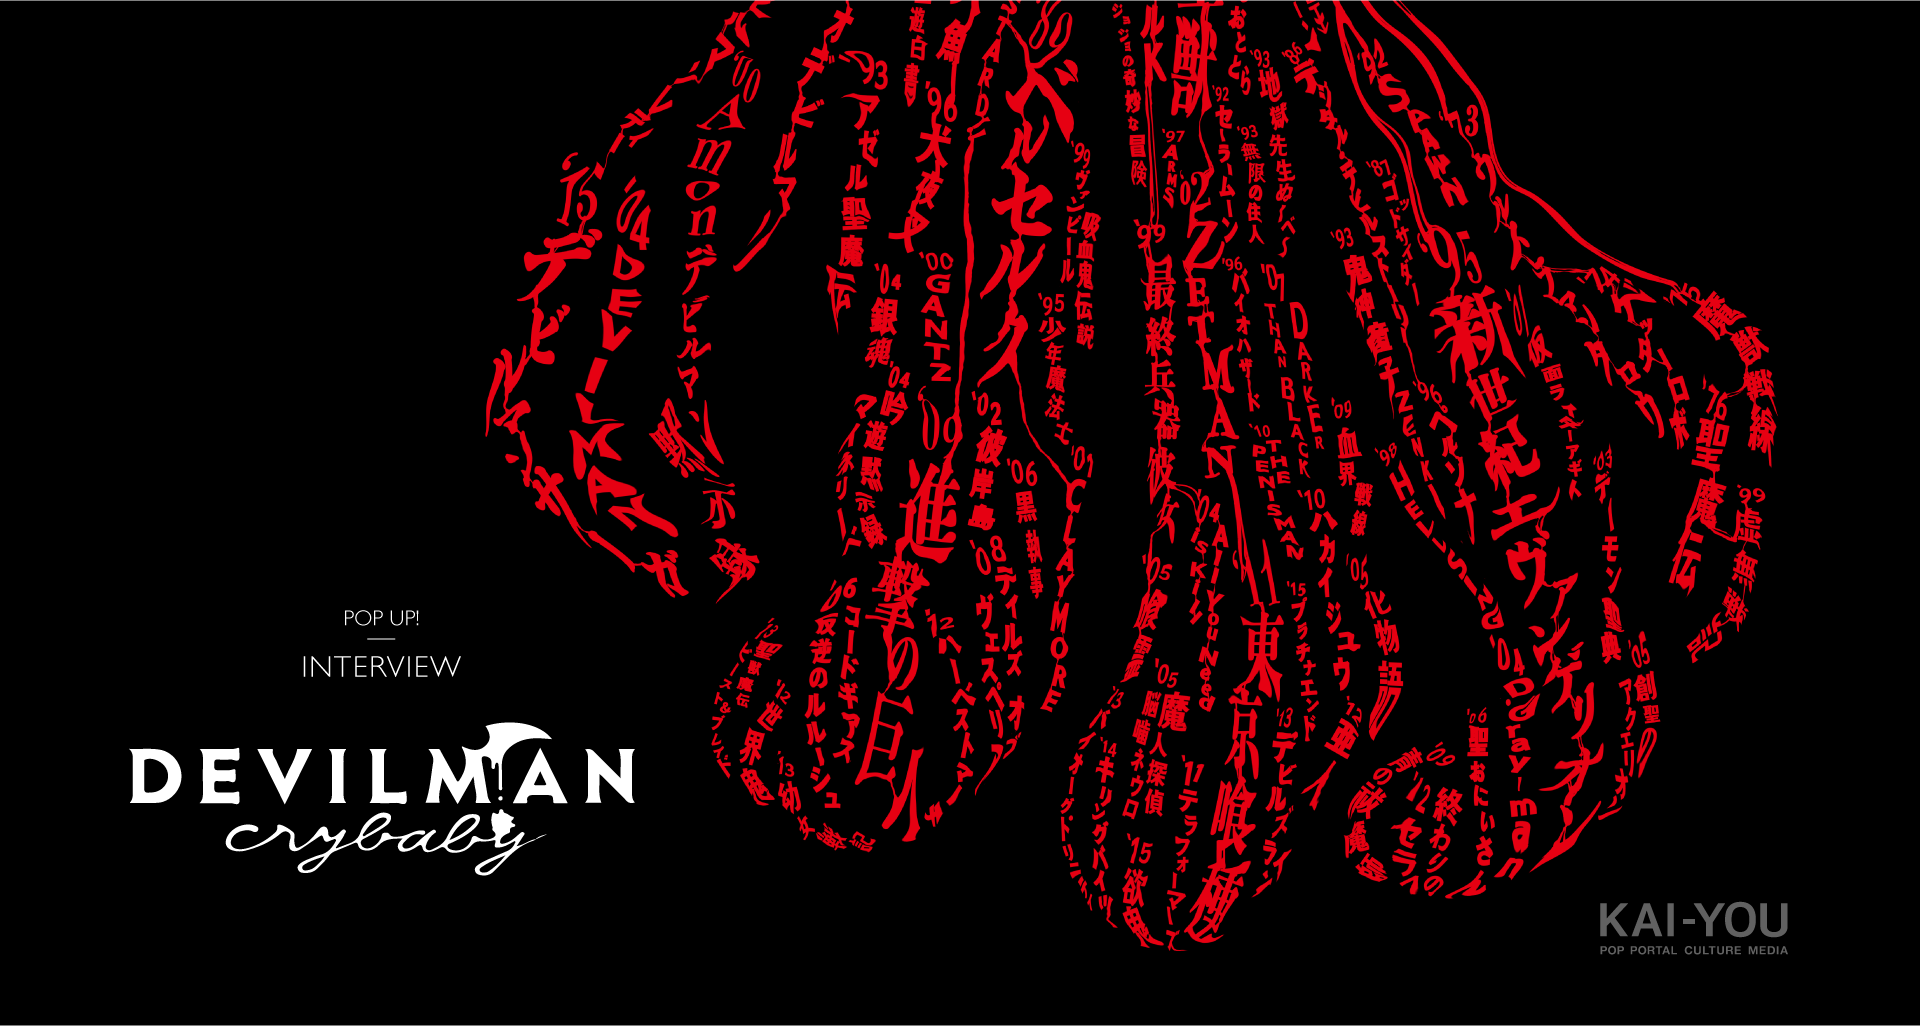 『デビルマン』がなければ、エヴァは生まれなかった? カルチャー史を紐解く